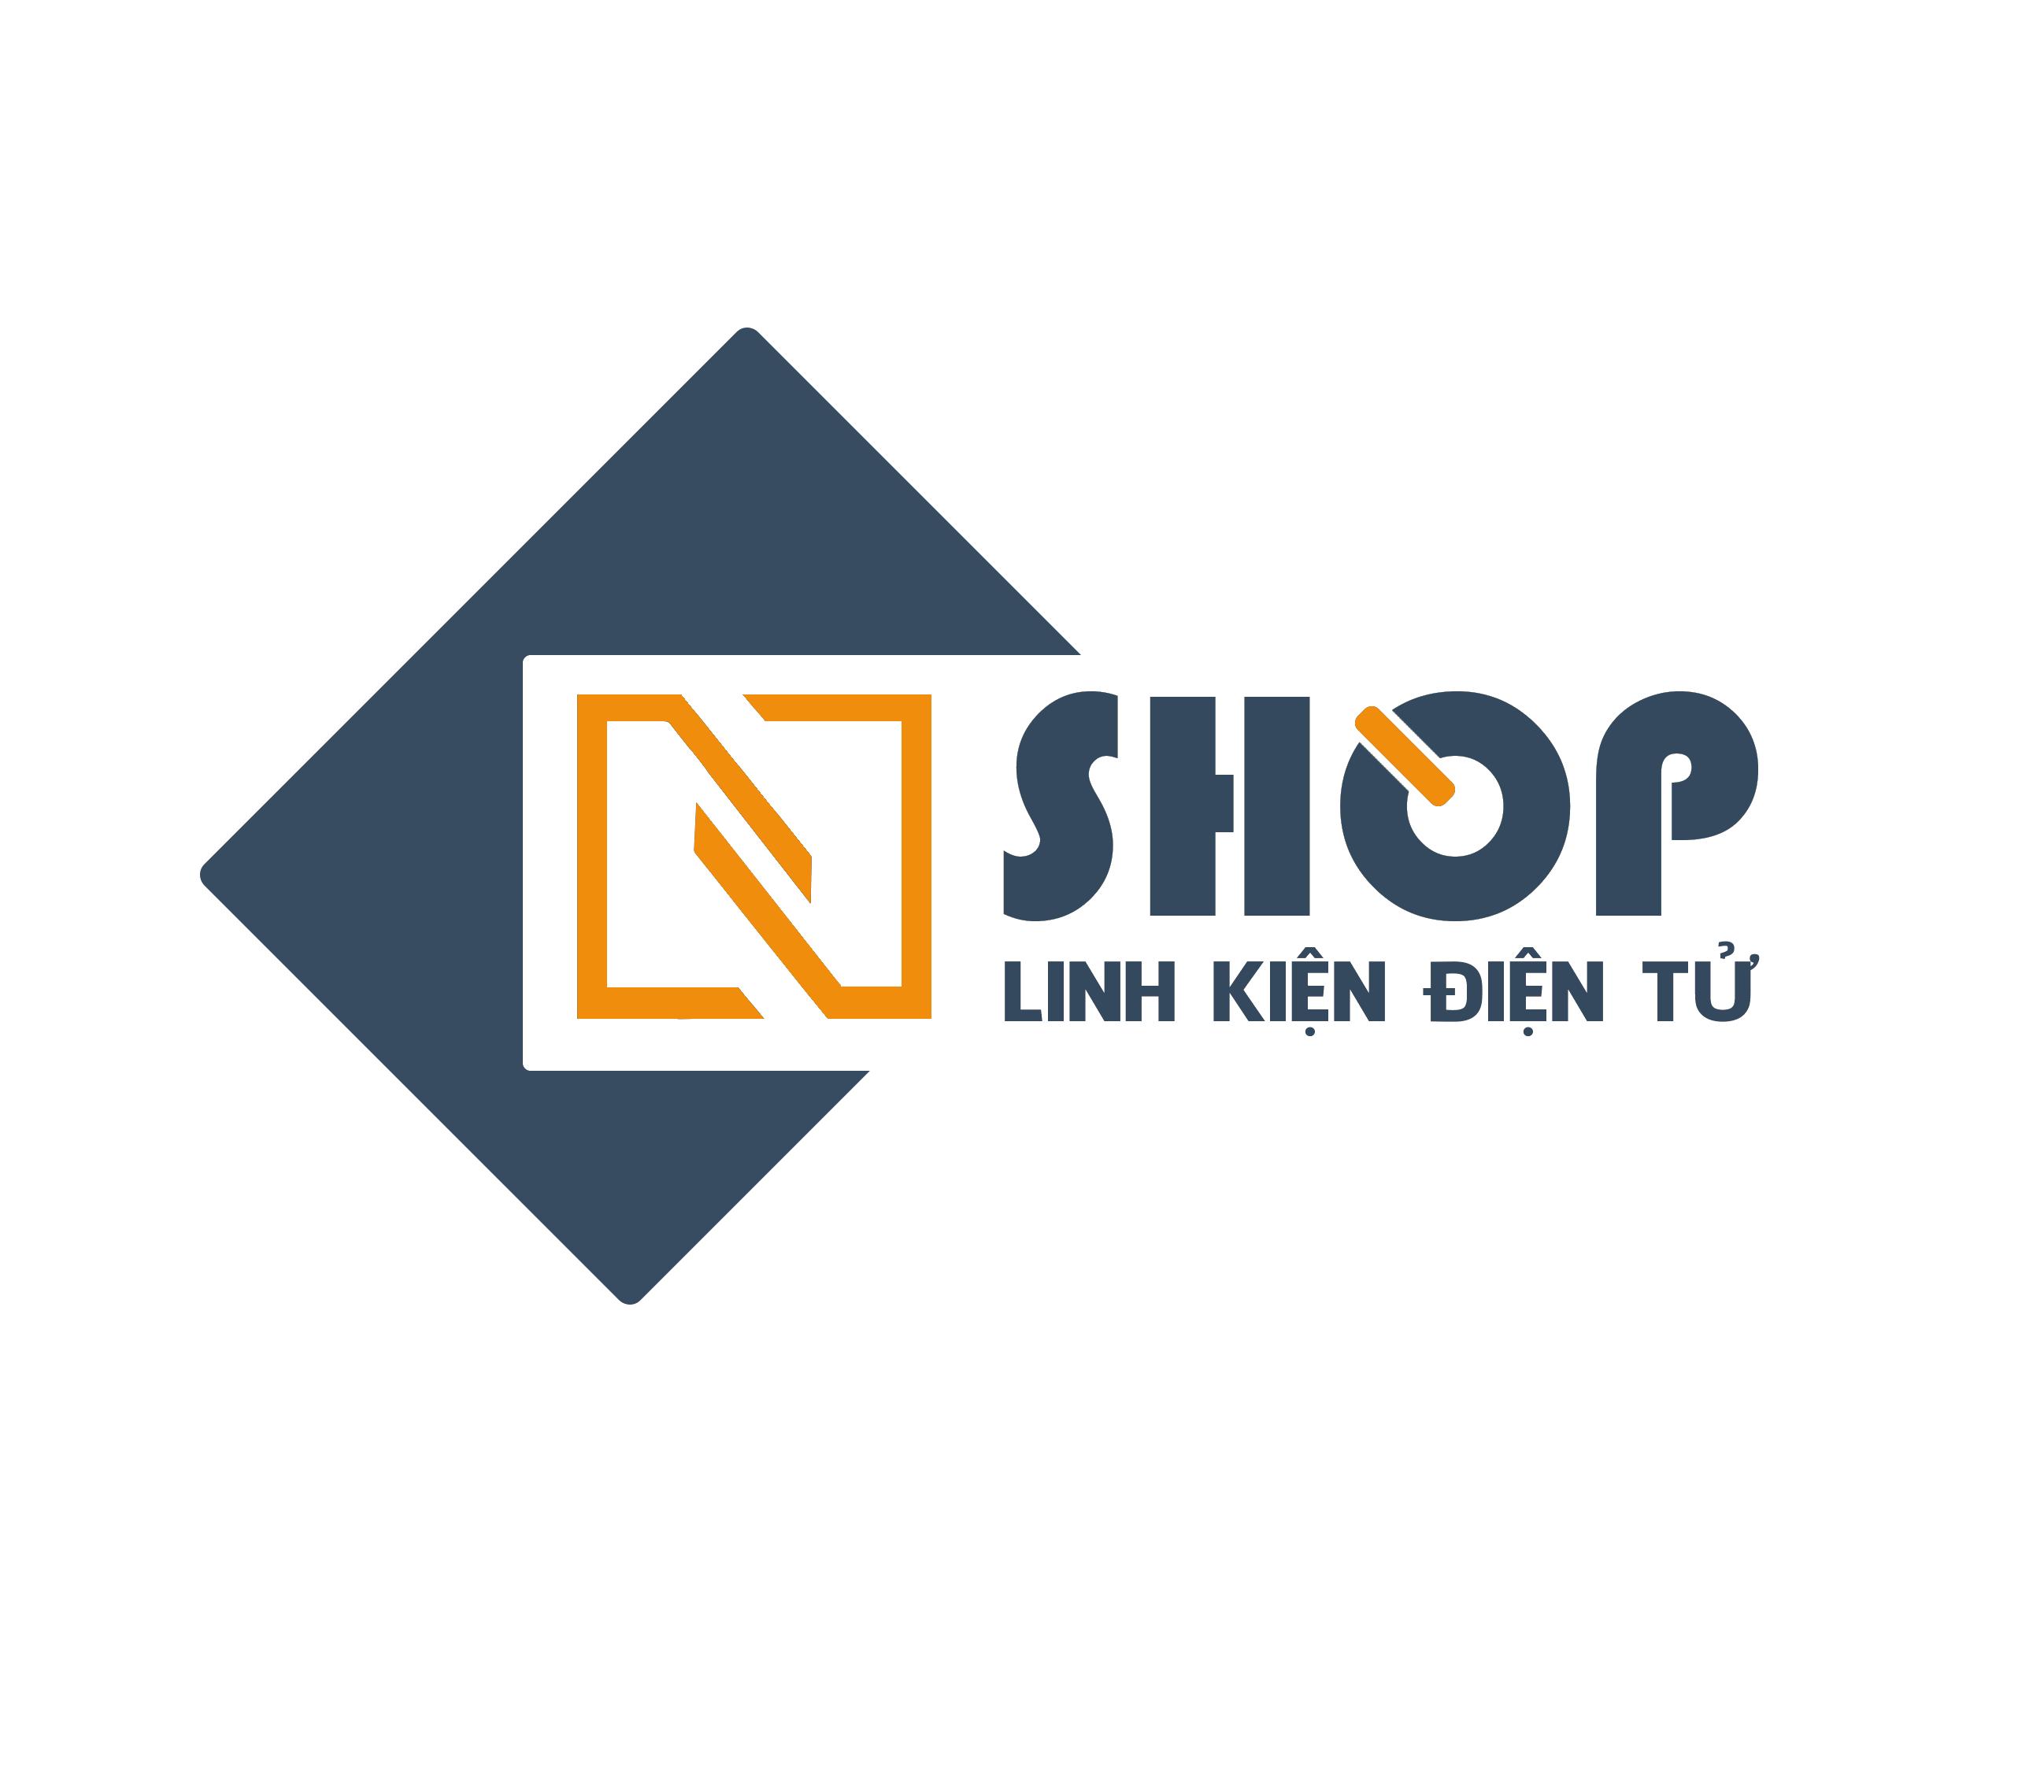 Linh kiện điện tử Nshop